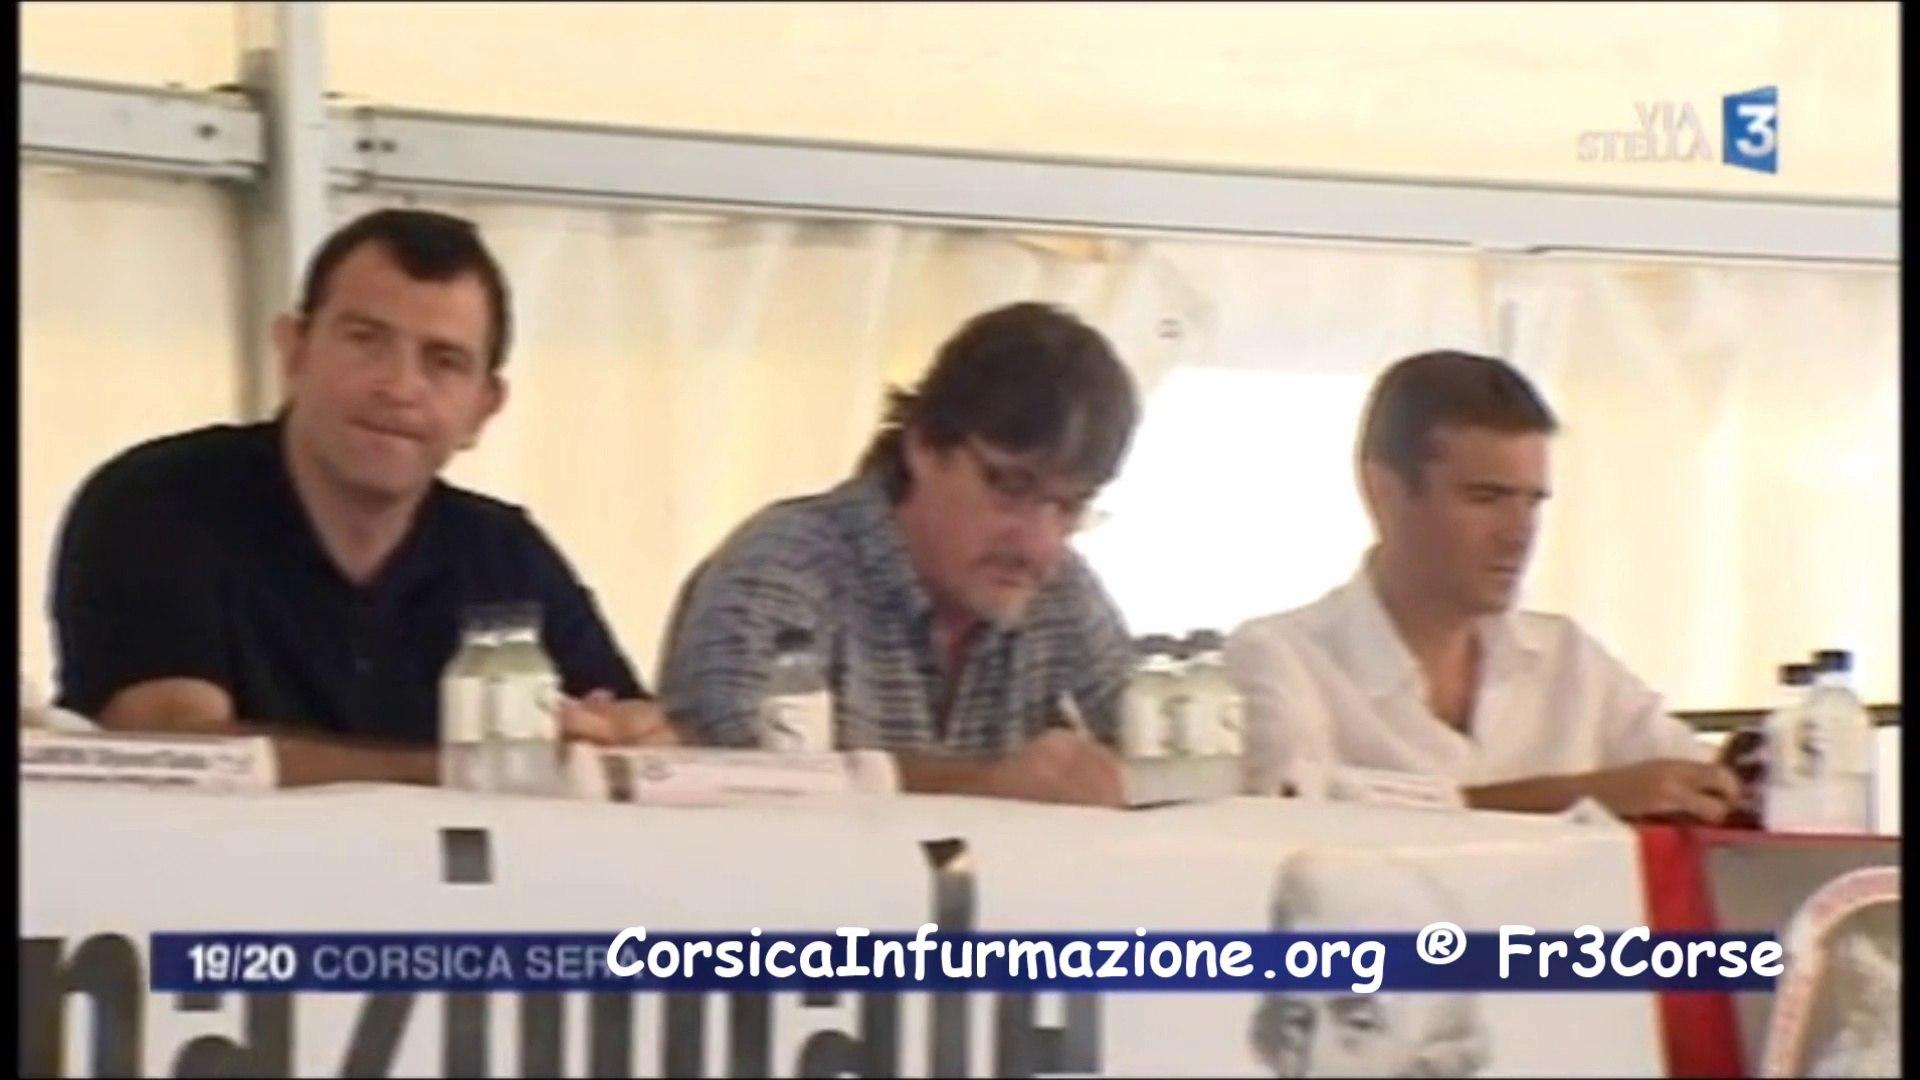 #Corse Jean Charles Orsucci 'PS' aux #GhjurnateDiCorti #FLNC